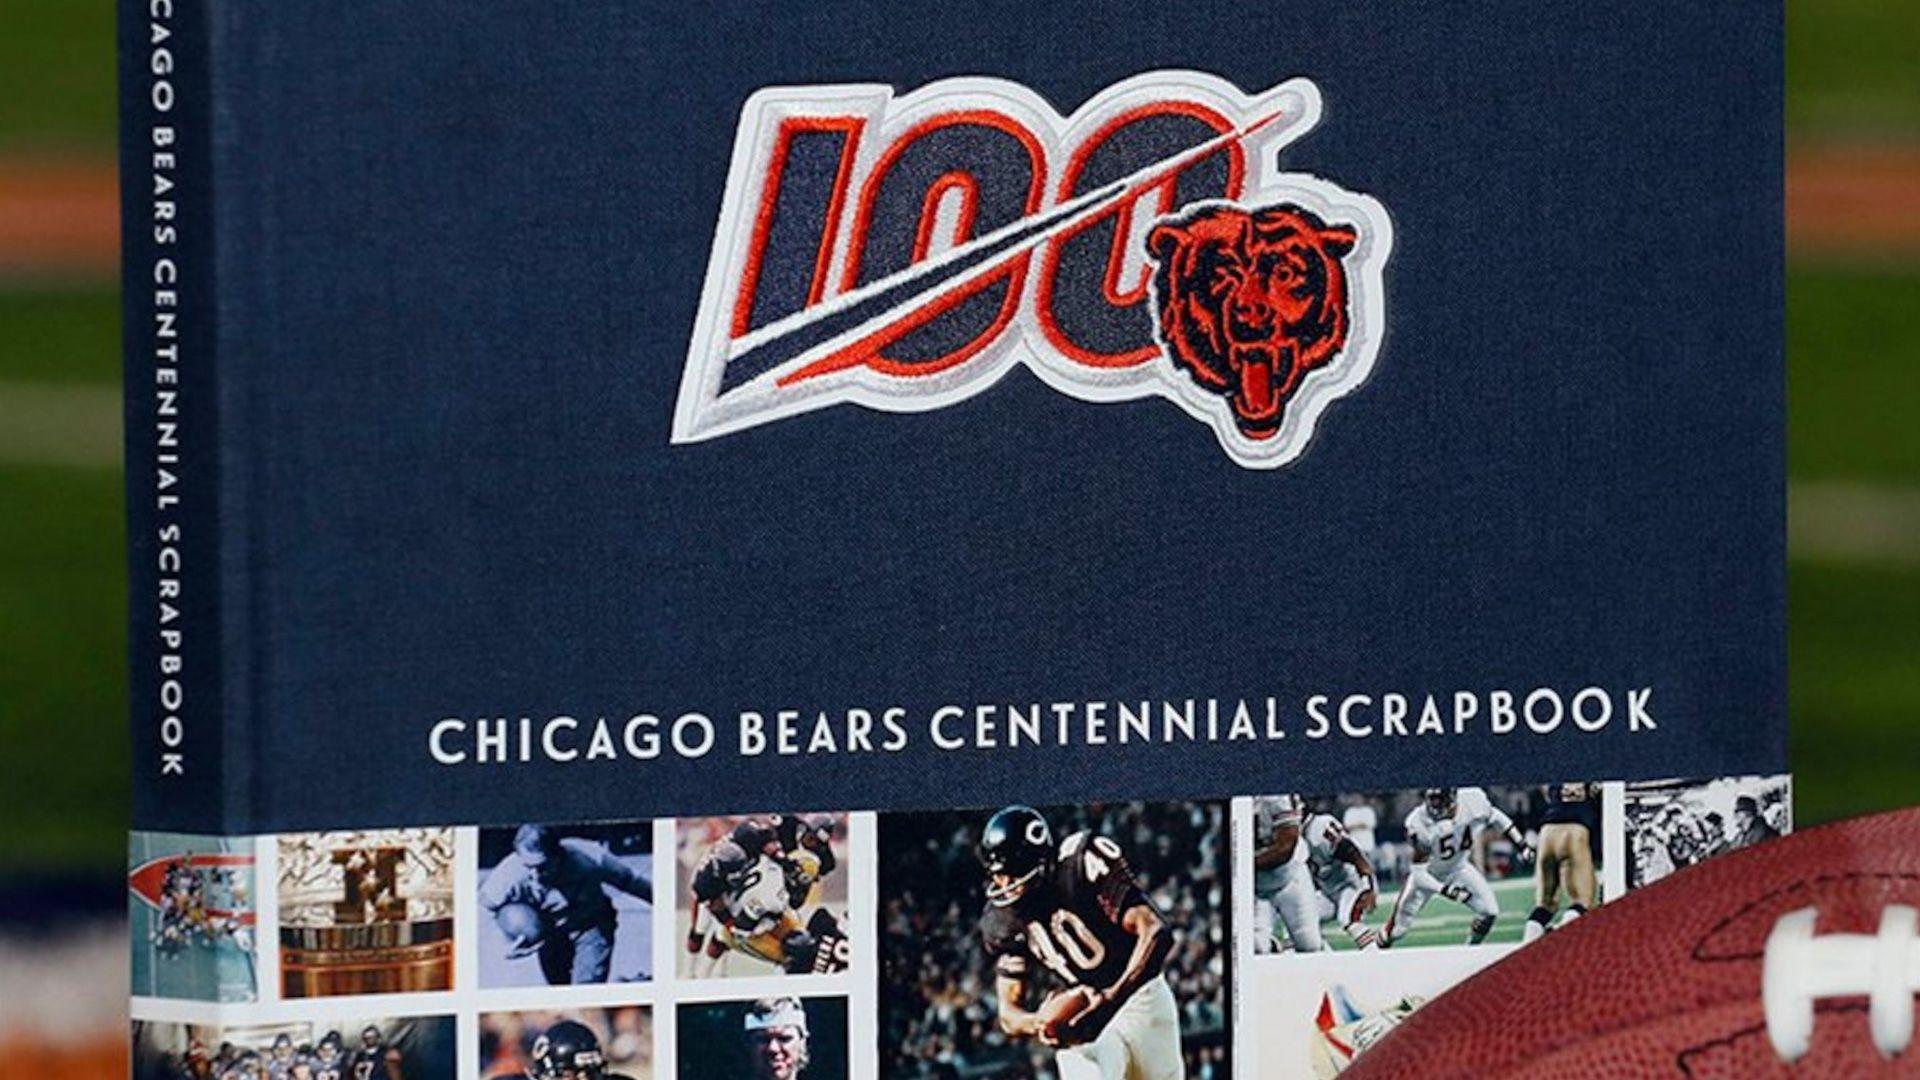 The Chicago Bears Centennial Scrapbook